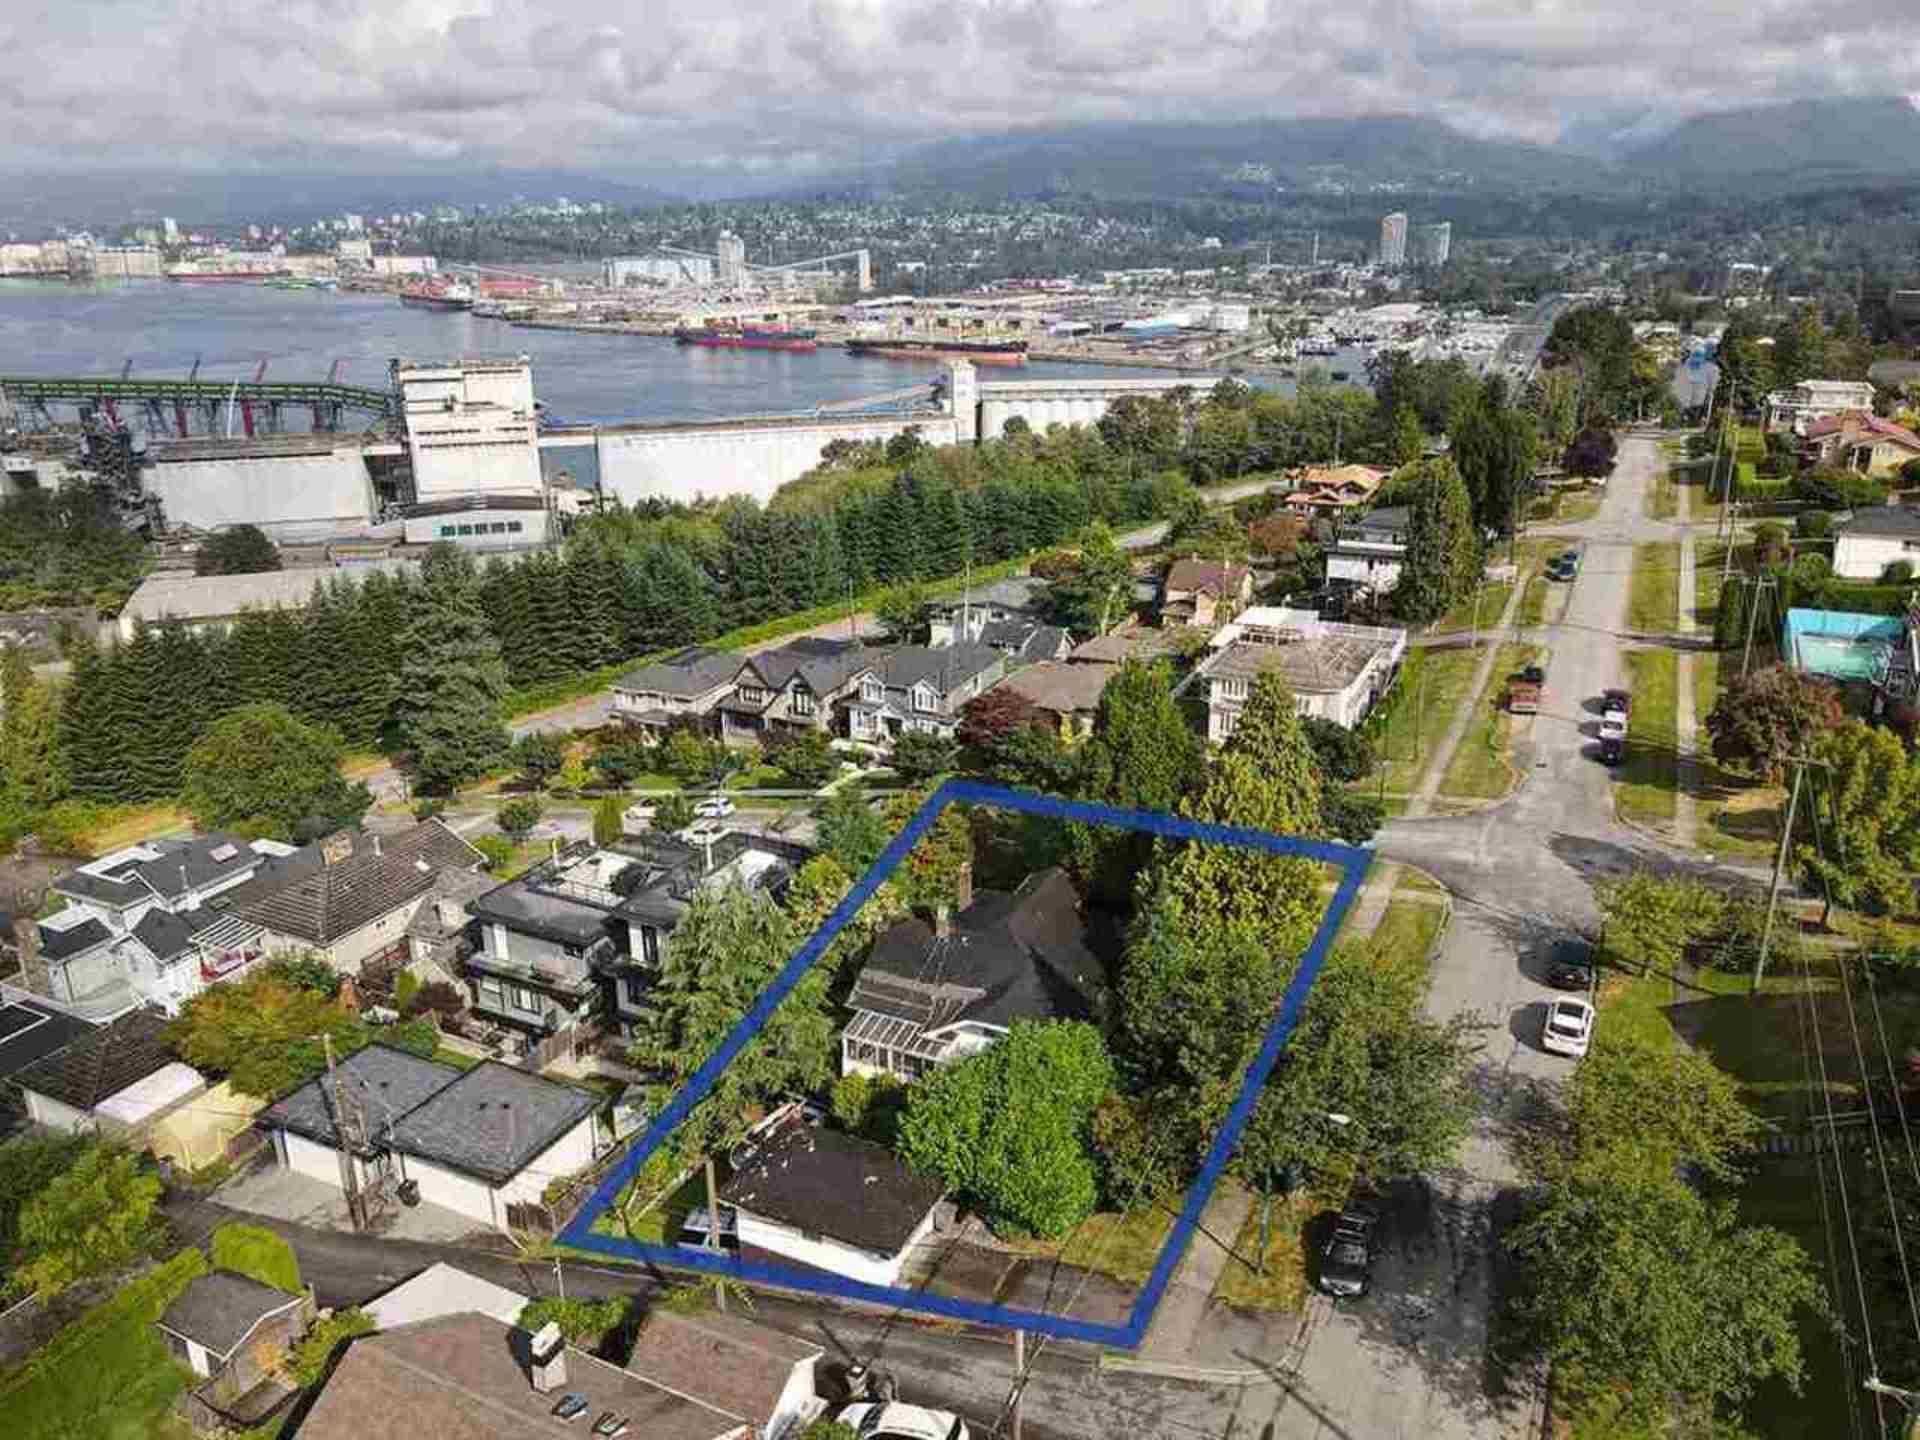 375-n-kootenay-street-hastings-vancouver-east-08 at 375 N Kootenay Street, Hastings, Vancouver East